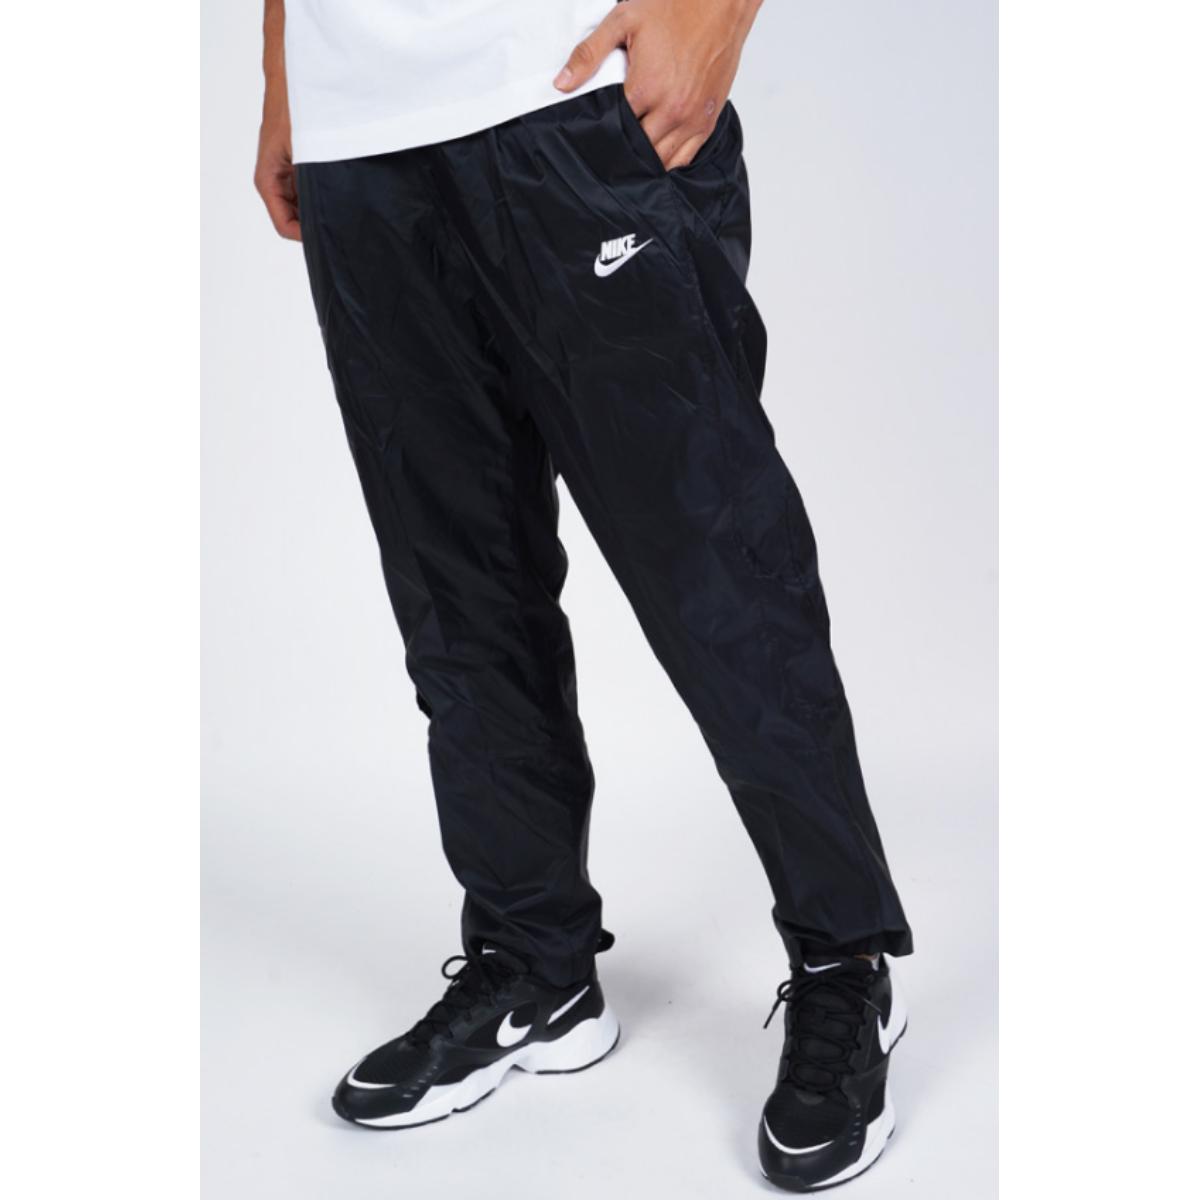 Calça Masculina Nike 928002-011 Sportswear Preto